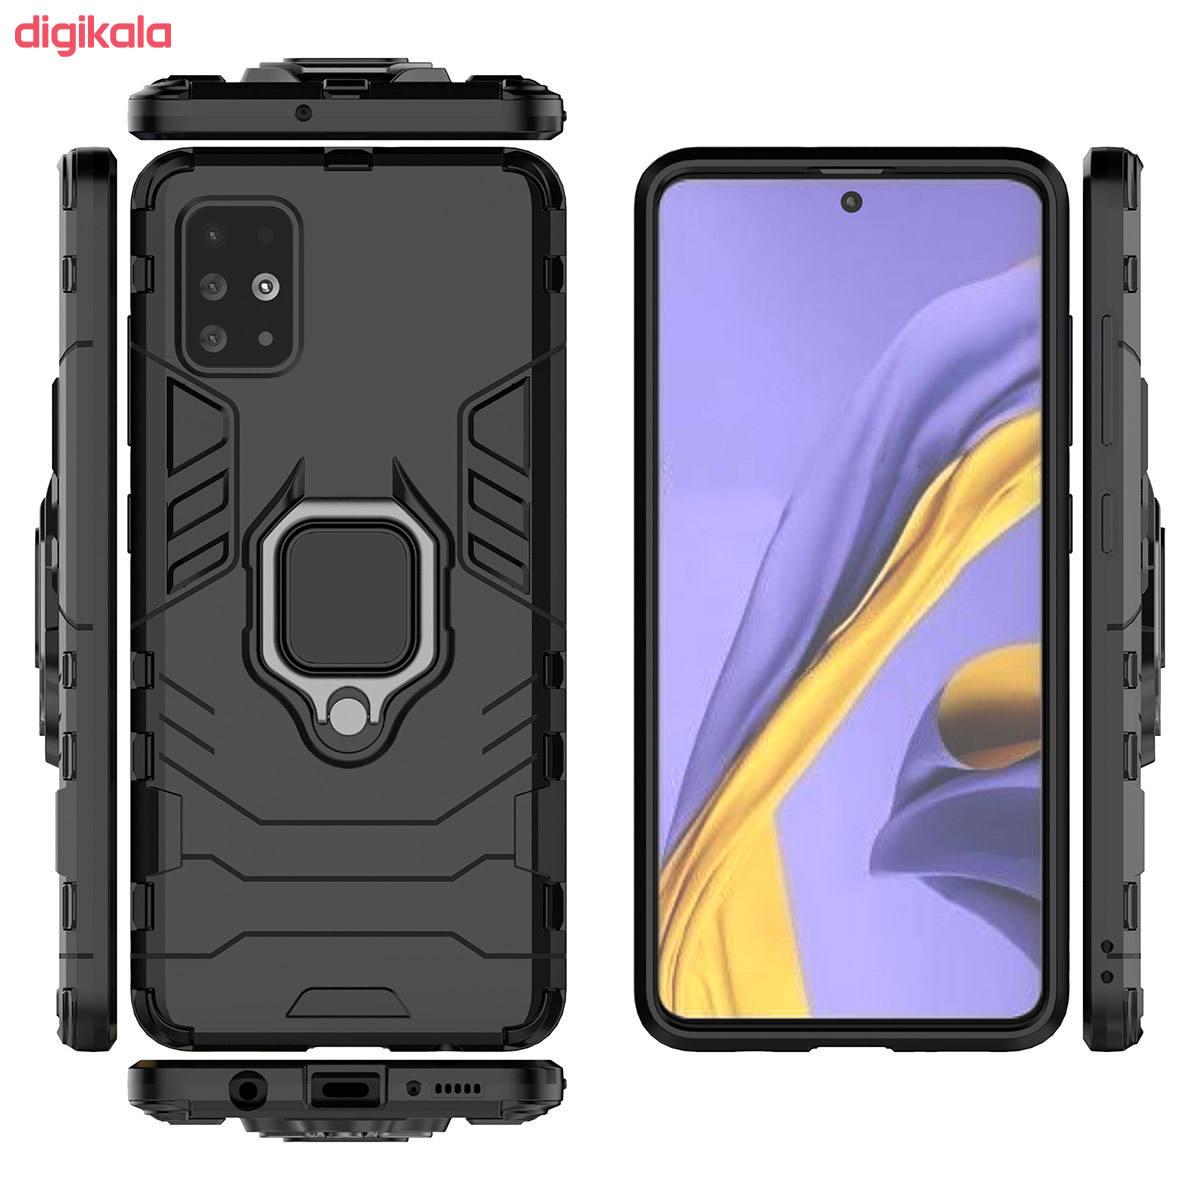 کاور سامورایی مدل ARC-2020 مناسب برای گوشی موبایل سامسونگ Galaxy A71 main 1 4